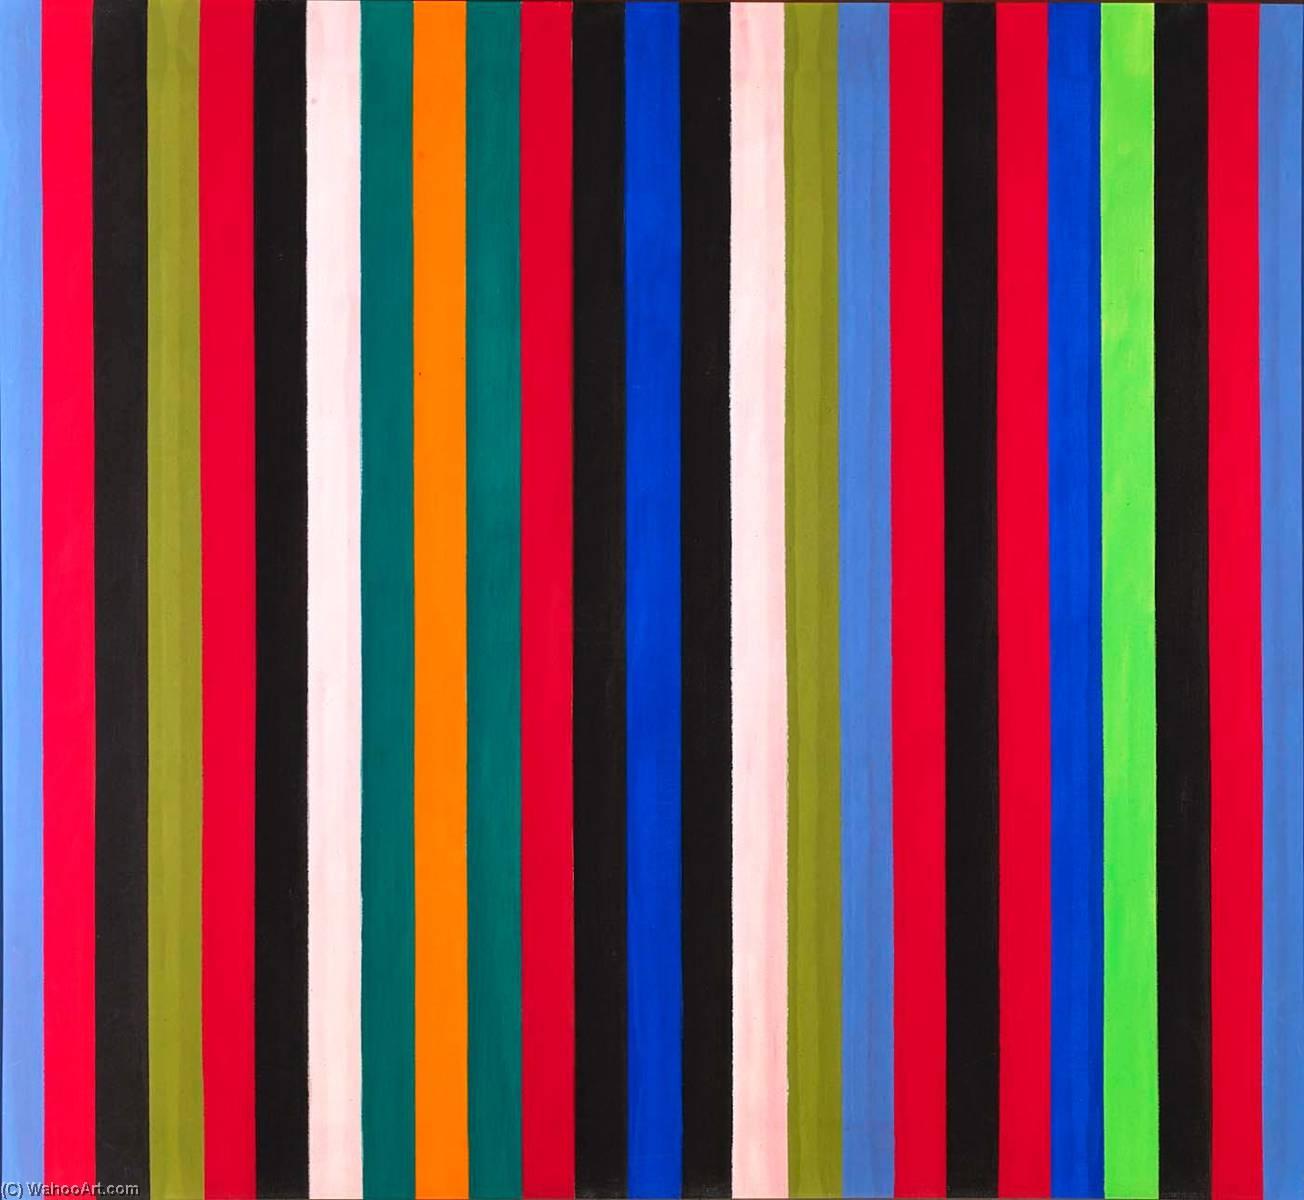 WikiOO.org - Енциклопедія образотворчого мистецтва - Живопис, Картини  Gene Davis - Hot Beat